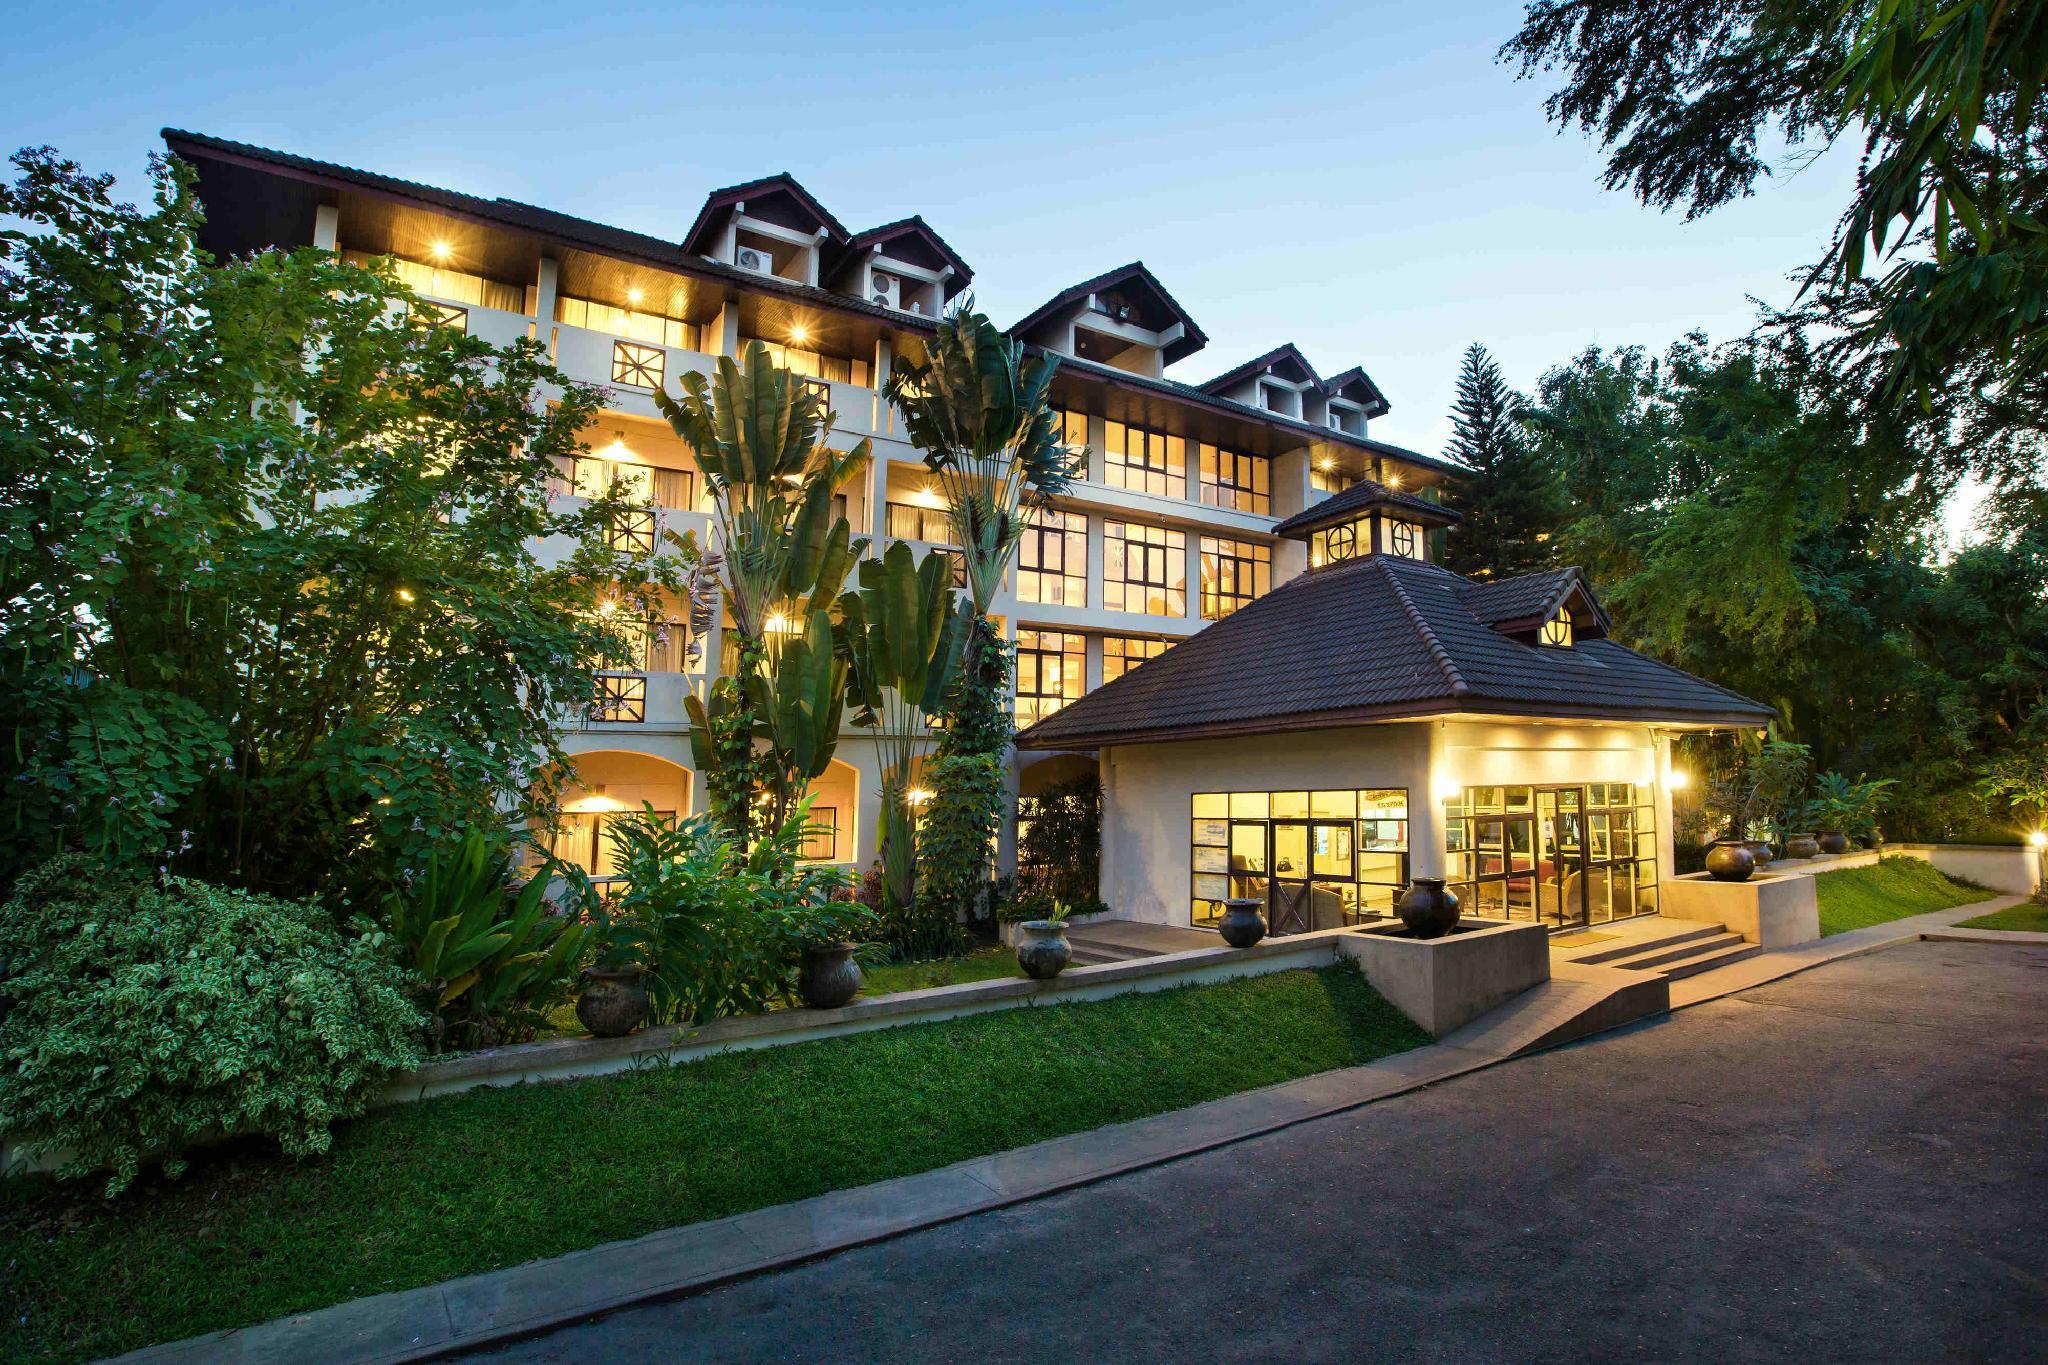 เช็คห้องว่าง โรงแรมยูเรเซีย เชียงใหม่ (เชียงใหม่) รีวิว Pantip